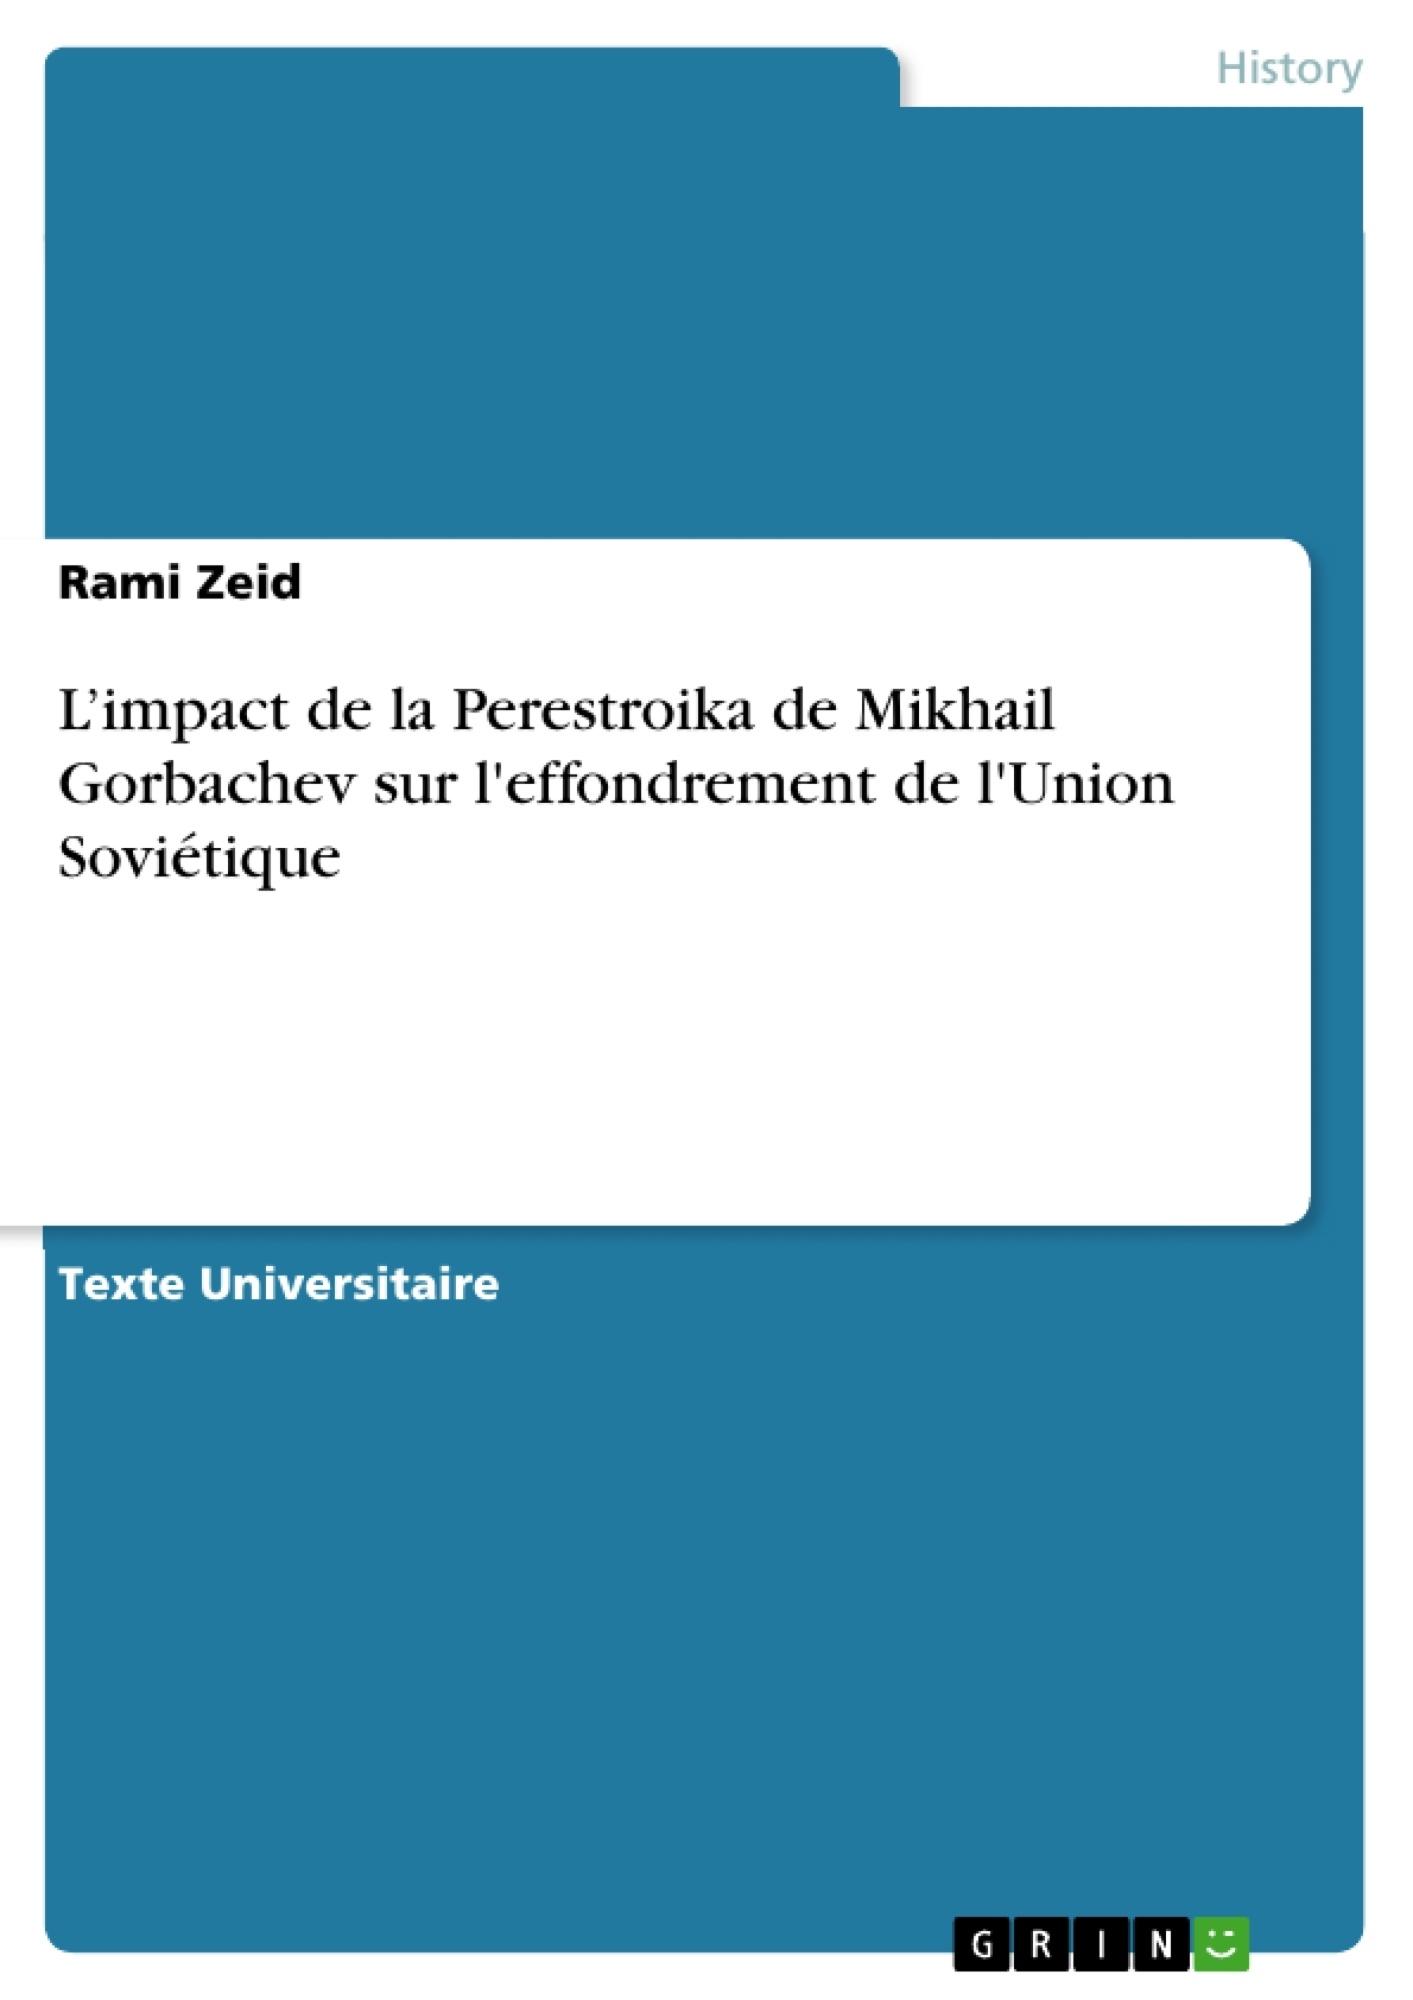 Titre: L'impact de la Perestroika de Mikhail Gorbachev sur l'effondrement de l'Union Soviétique